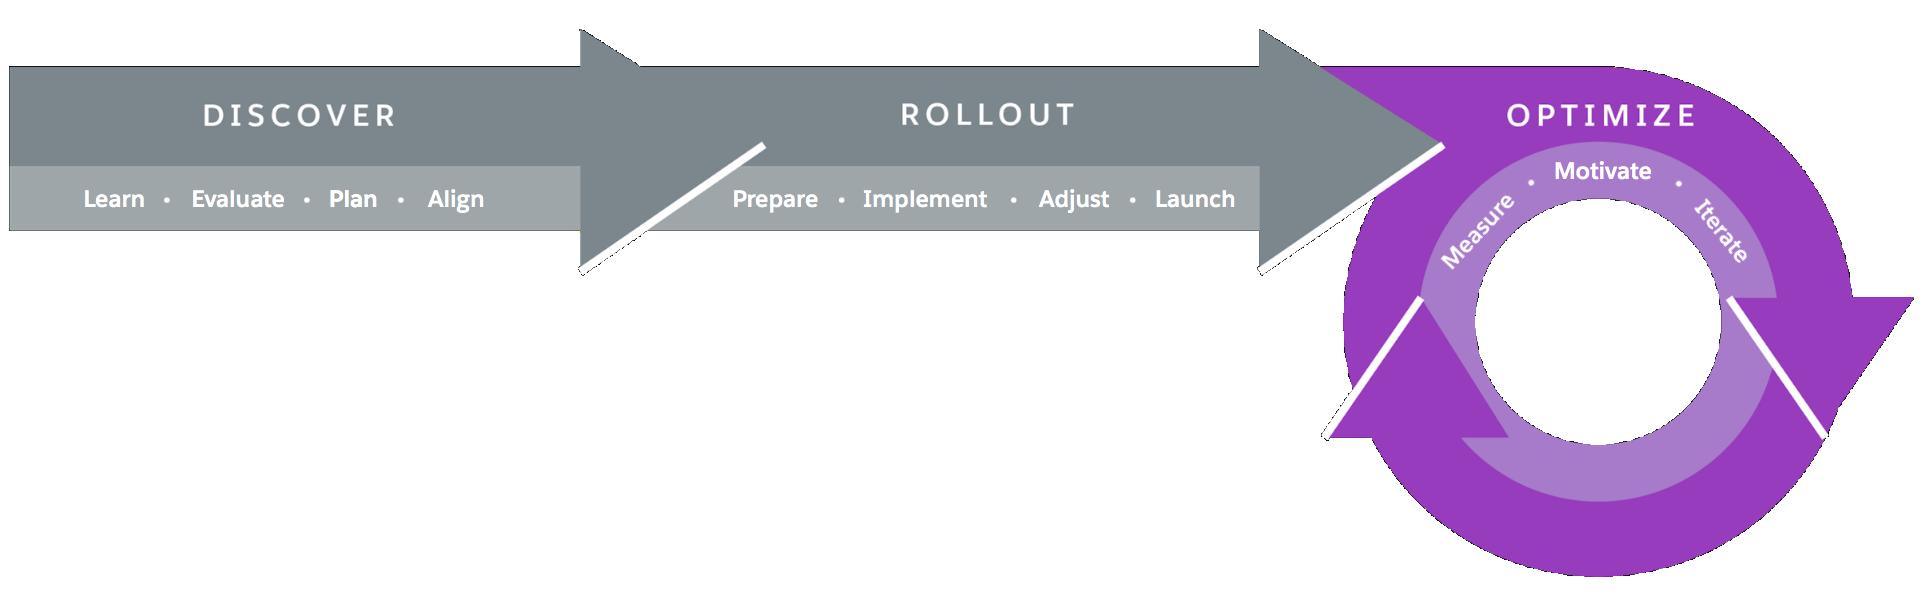 Representación visual del marco de trabajo de transición de Lightning Experience, con la fase Optimizar resaltada